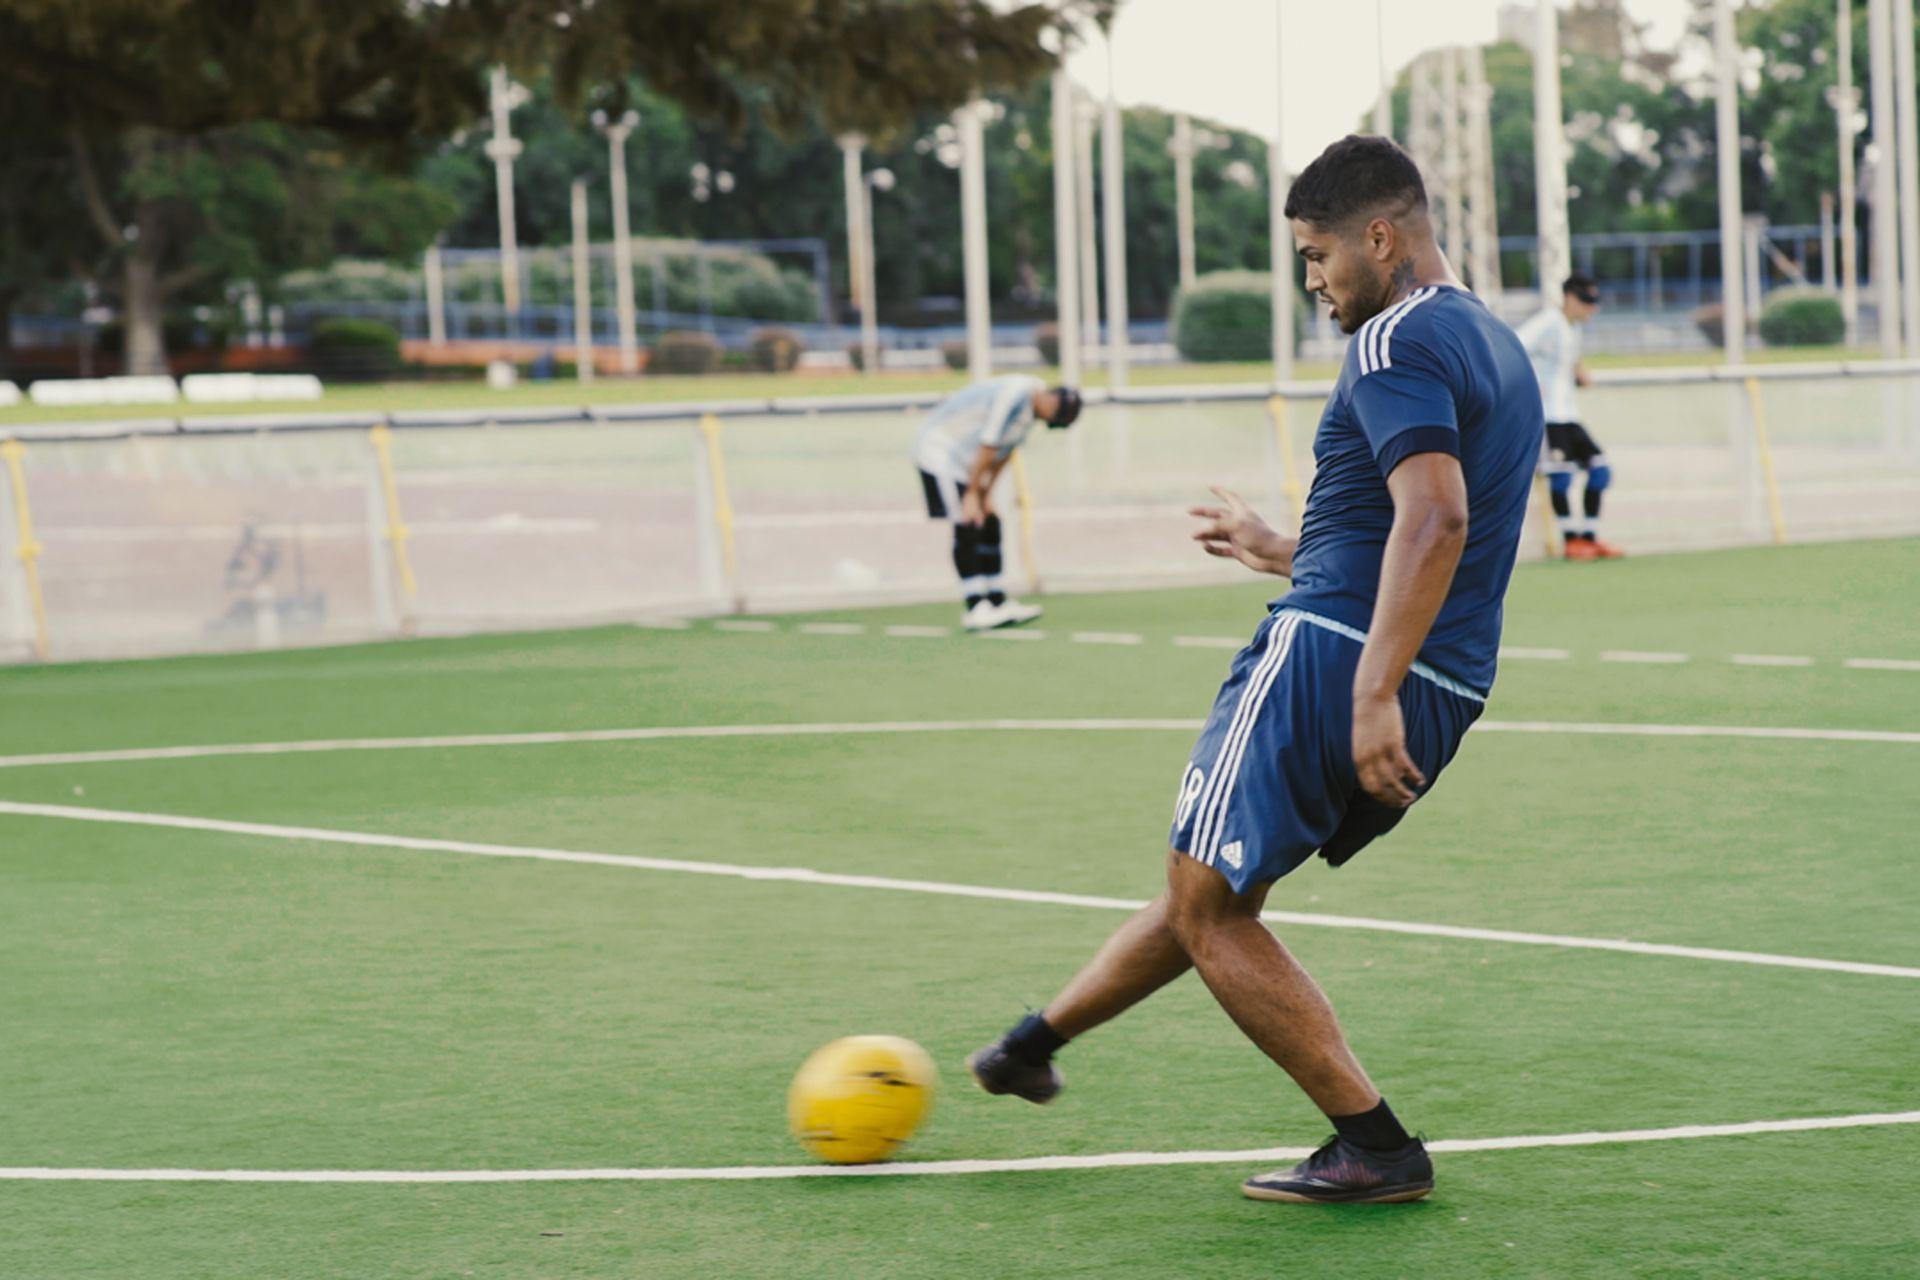 Alexis Salinas entrena desde hace algunos meses con Los Murciélagos, la Selección Nacional de Fútbol para Ciegos, gracias a un llamado de su entrenador, Martín Demonte.